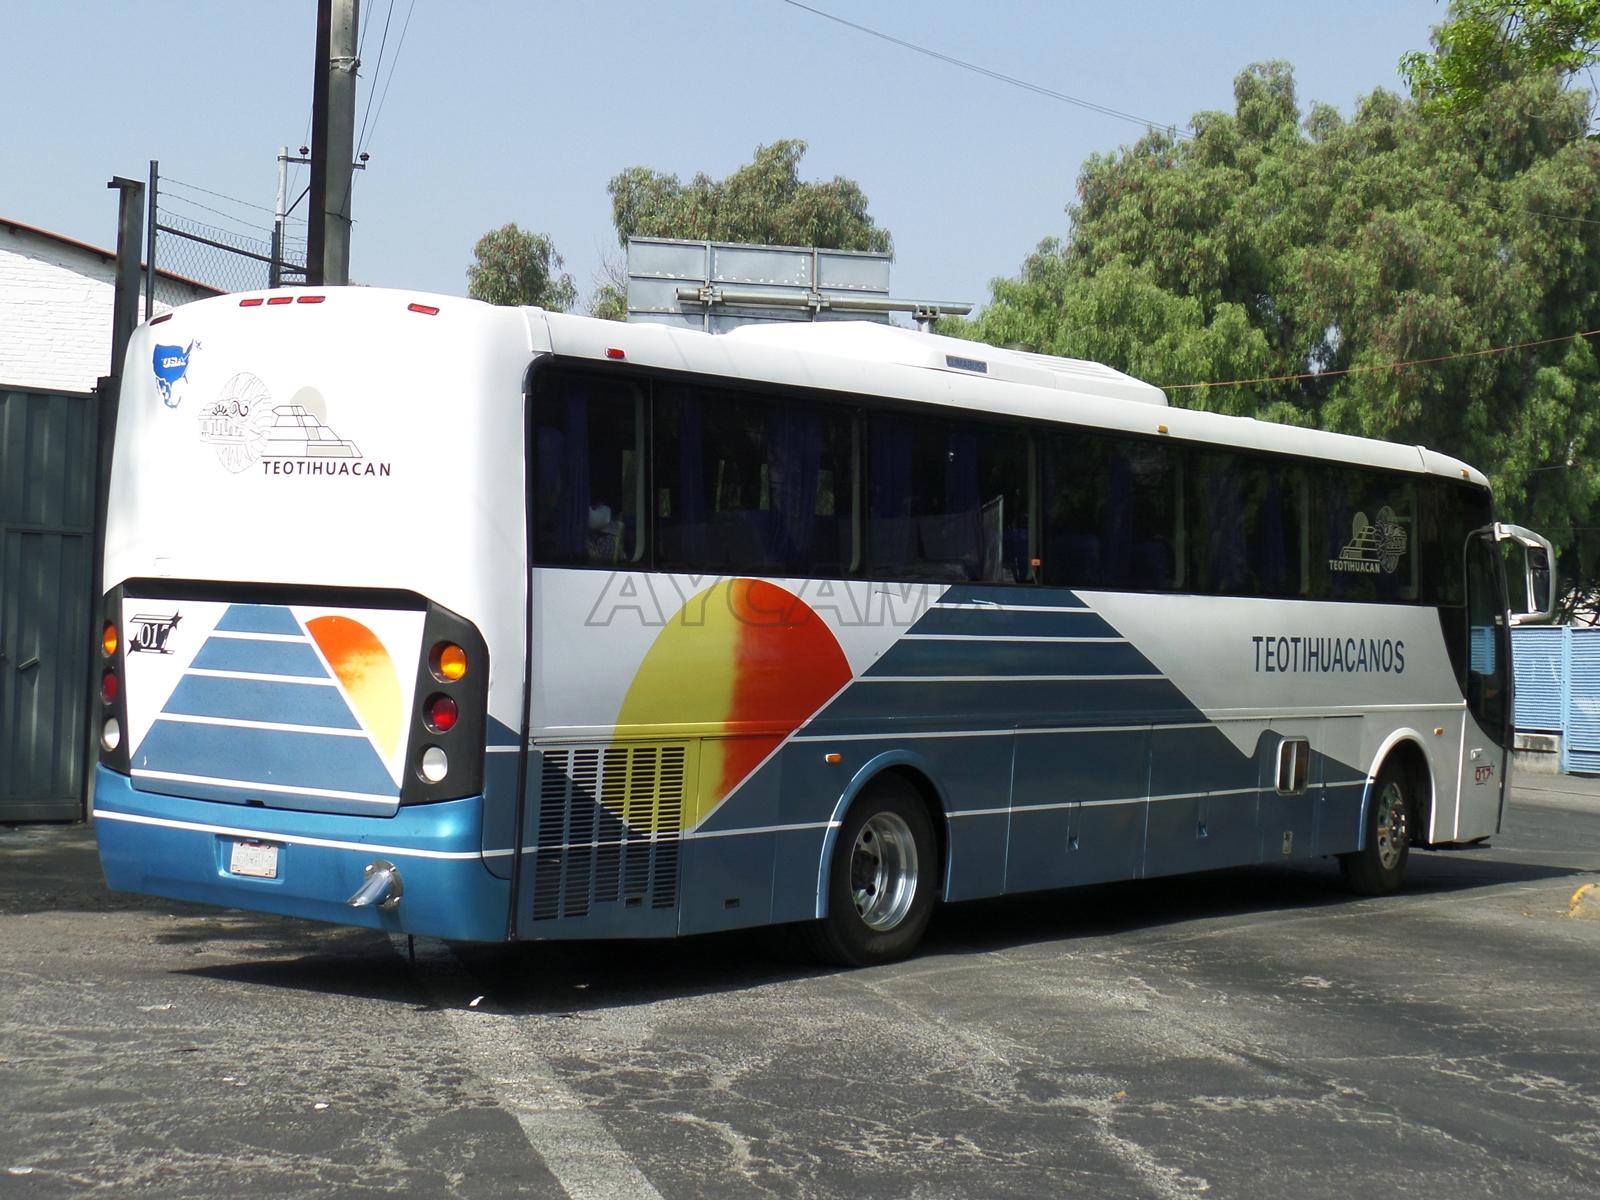 Mercedes Benz San Juan >> AYCAMX - Autobuses y Camiones México : Autobuses Foráneos 403. Línea de Autobuses México San ...